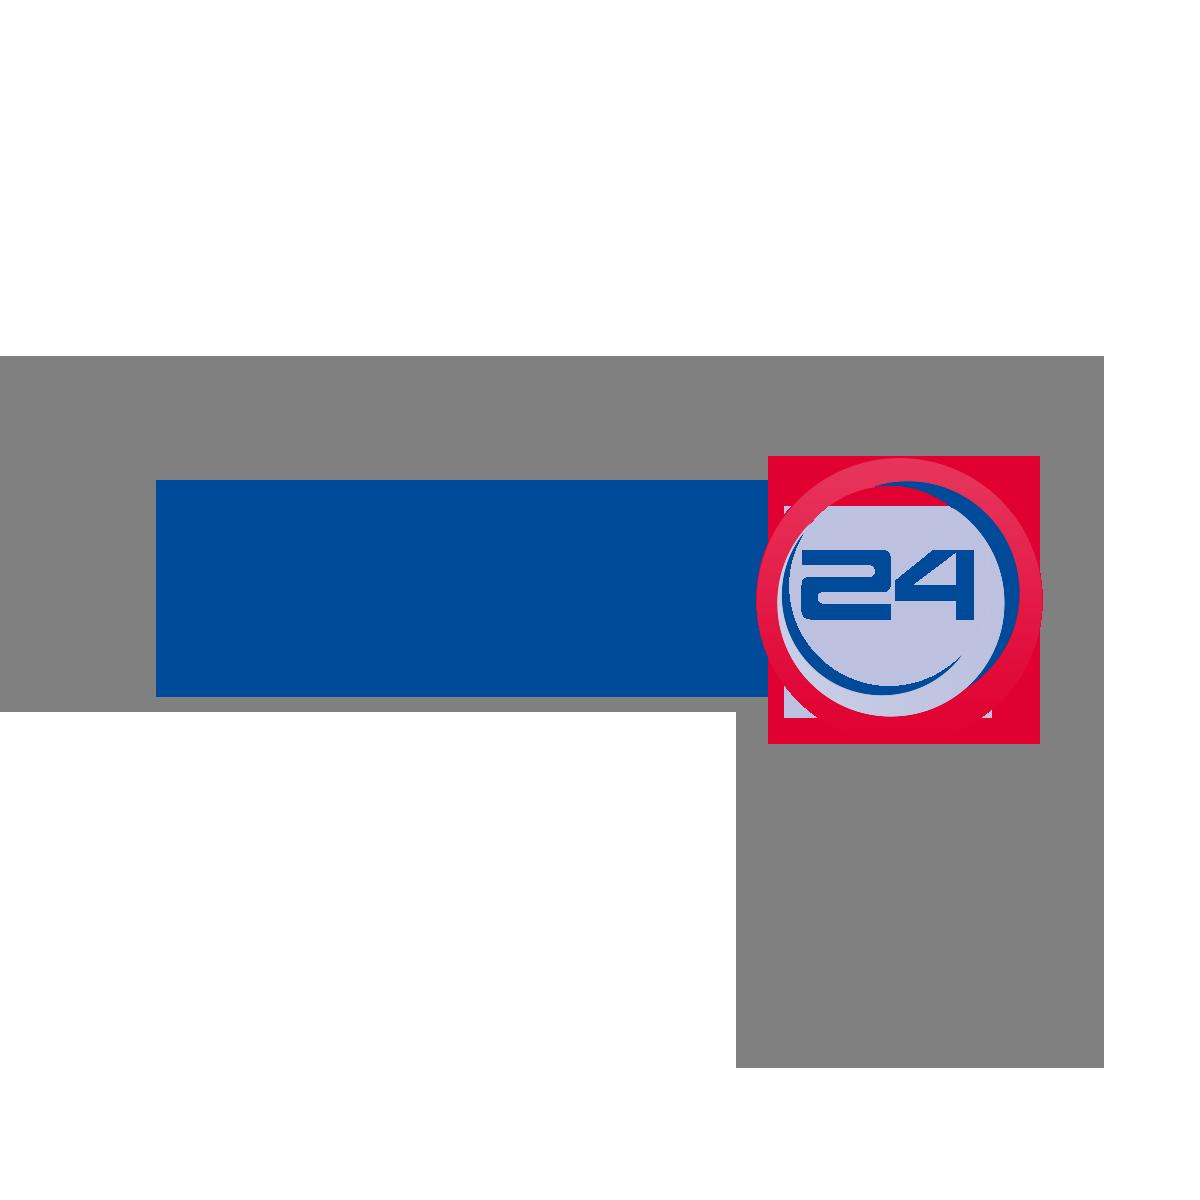 seccur24 GmbH